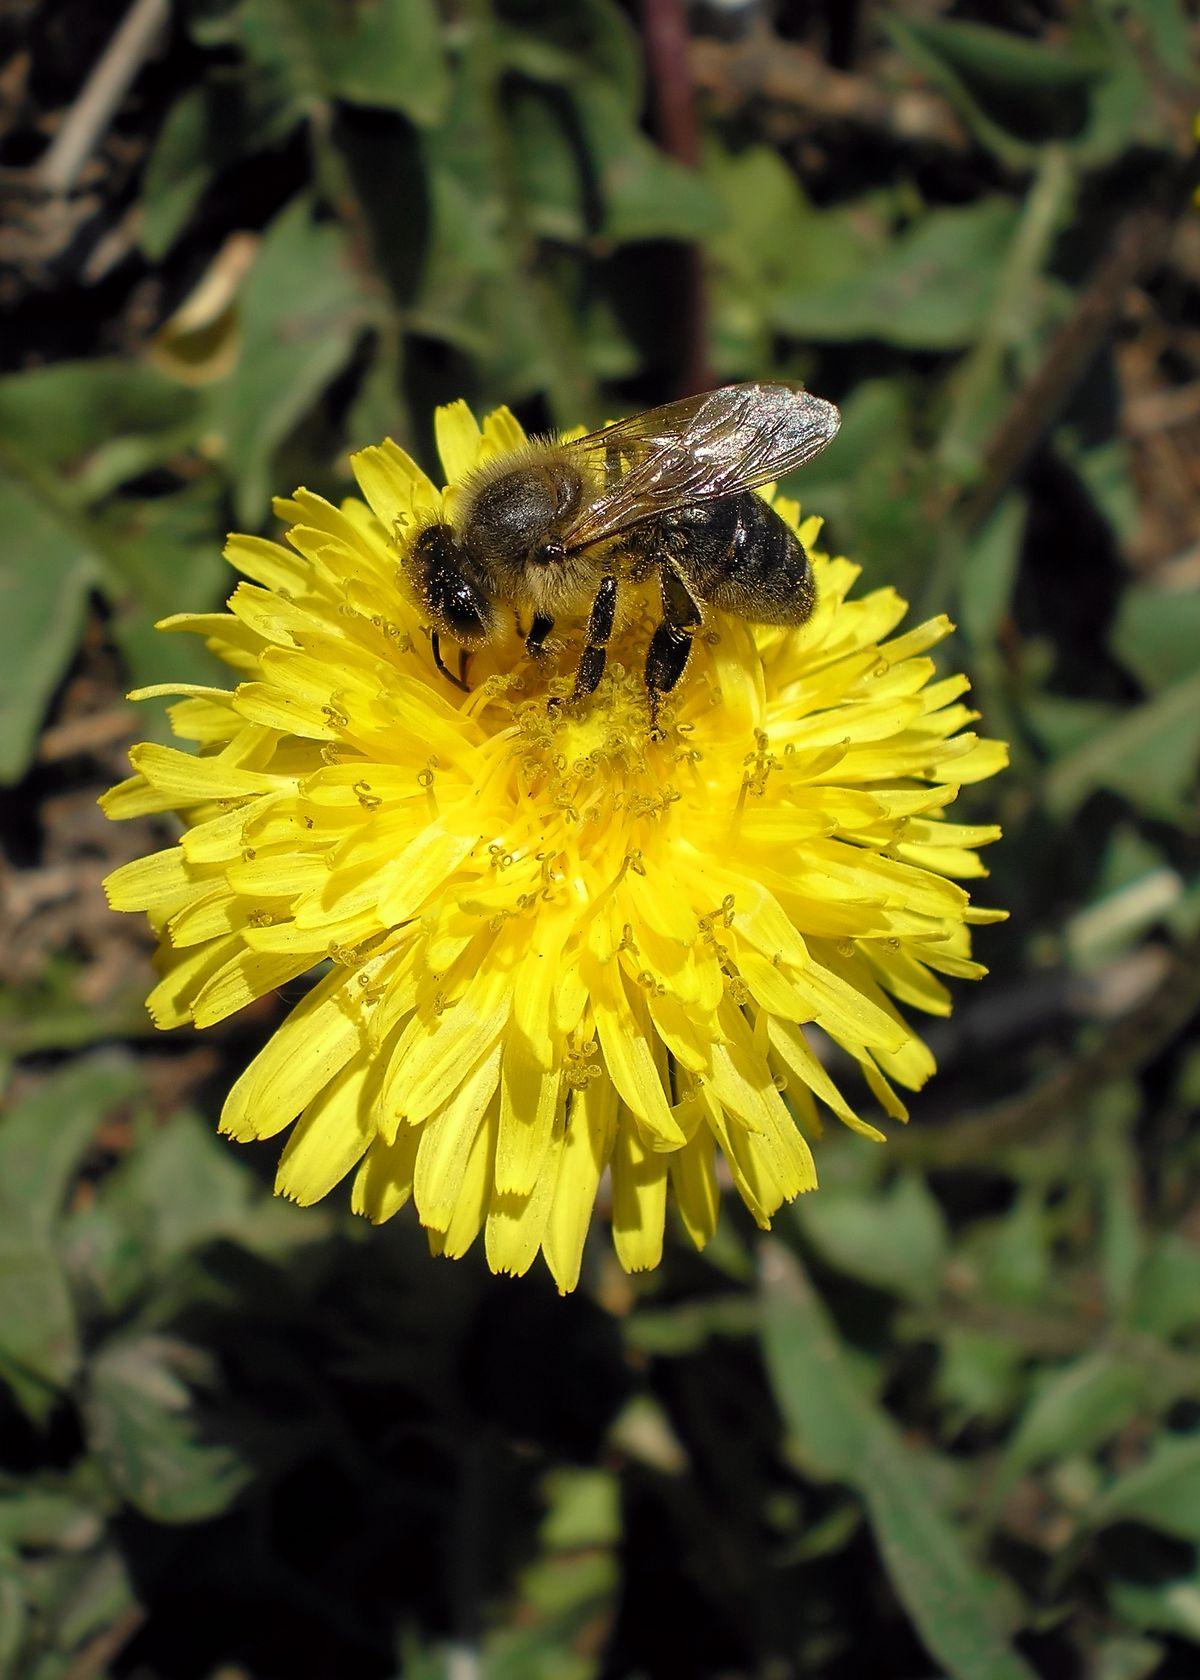 какие медоносные цветы посадить для пчел